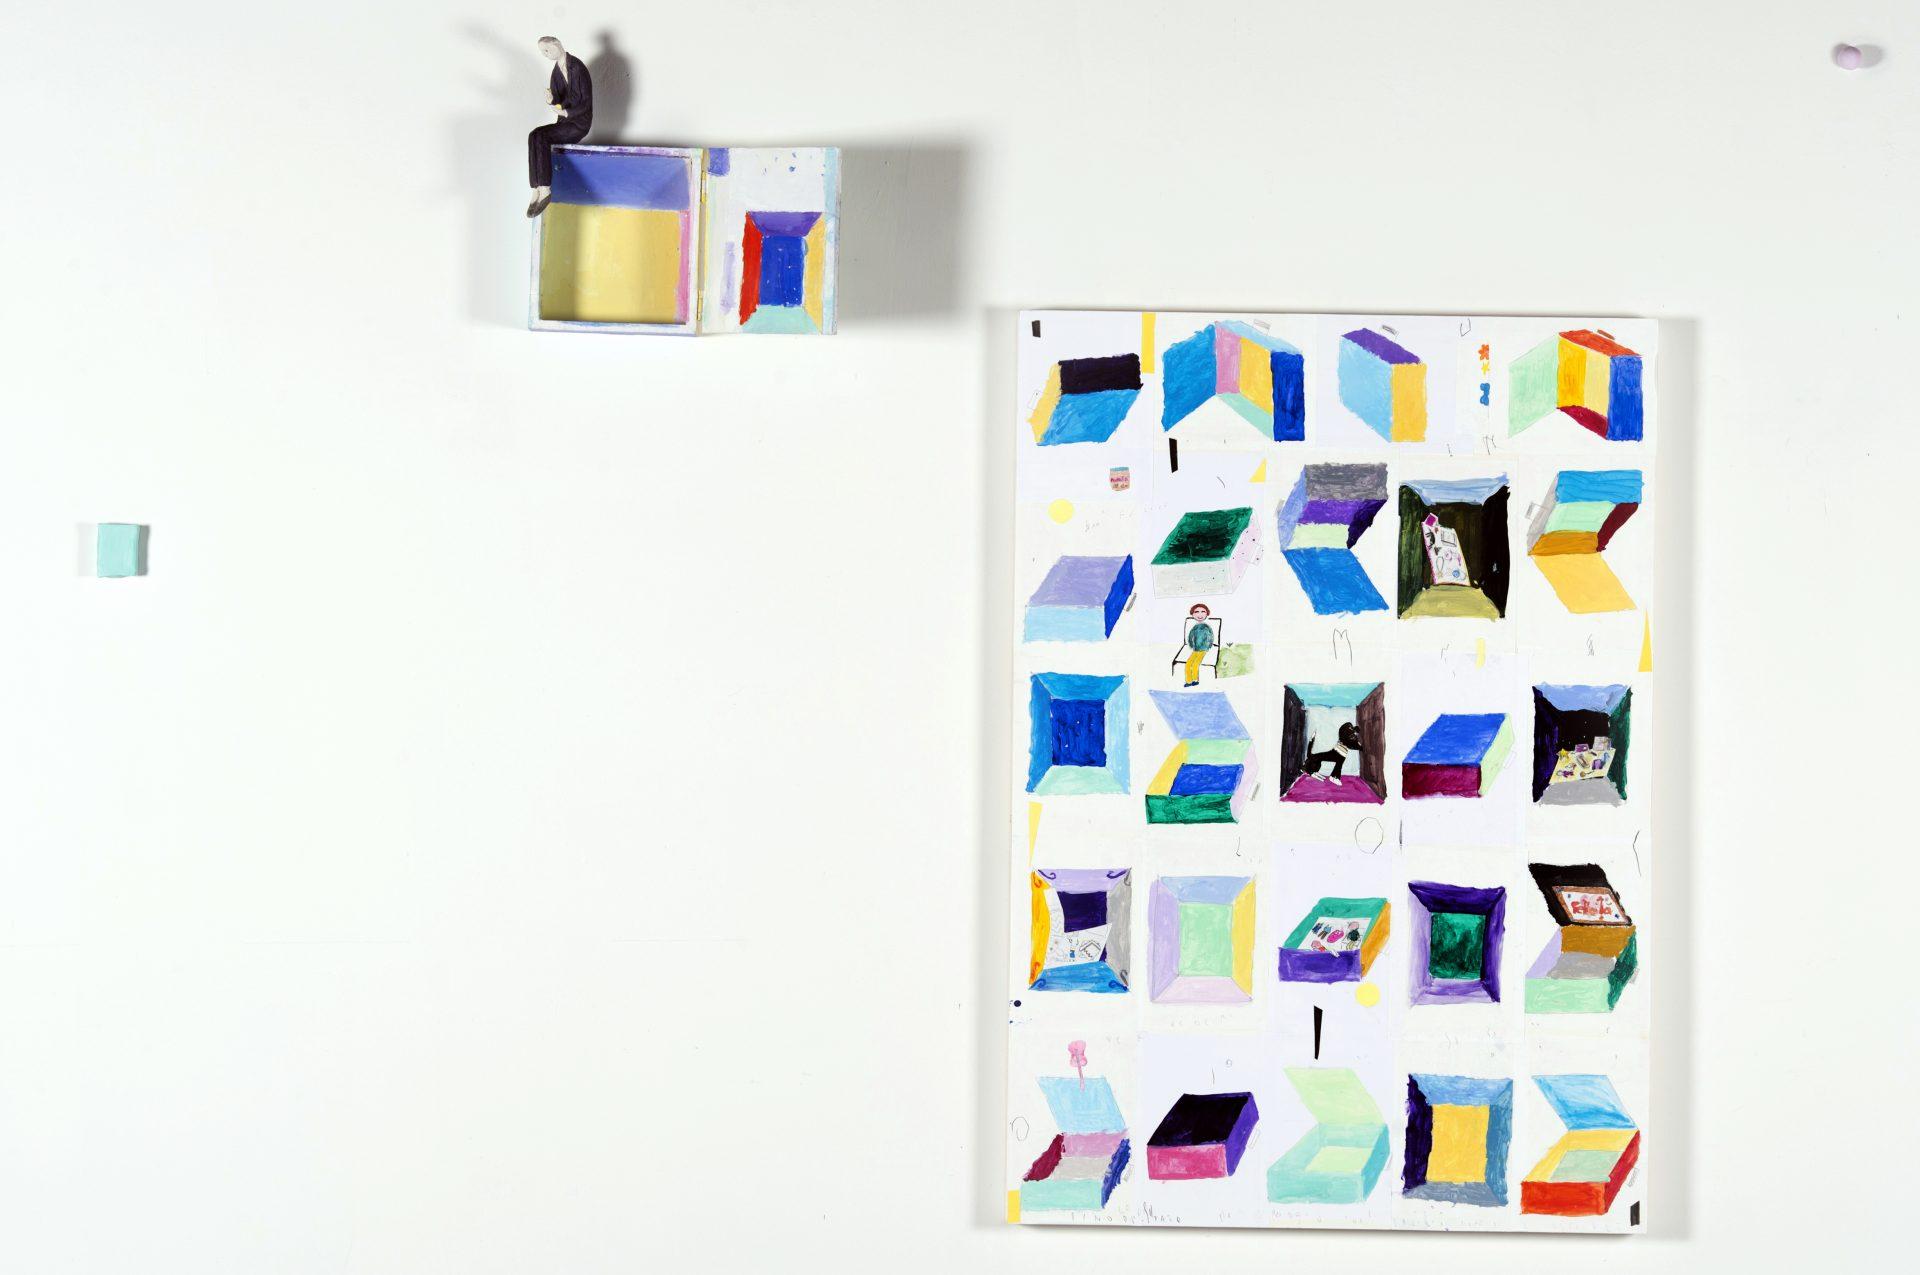 Abbiamo perso la testa<br>PND04<br>misure: 100 x 70 cm<br>tecnica: ceramica su supporto in legno, disegni acrilico su carta<br>anno: 2016<br><br>DISPONIBILE